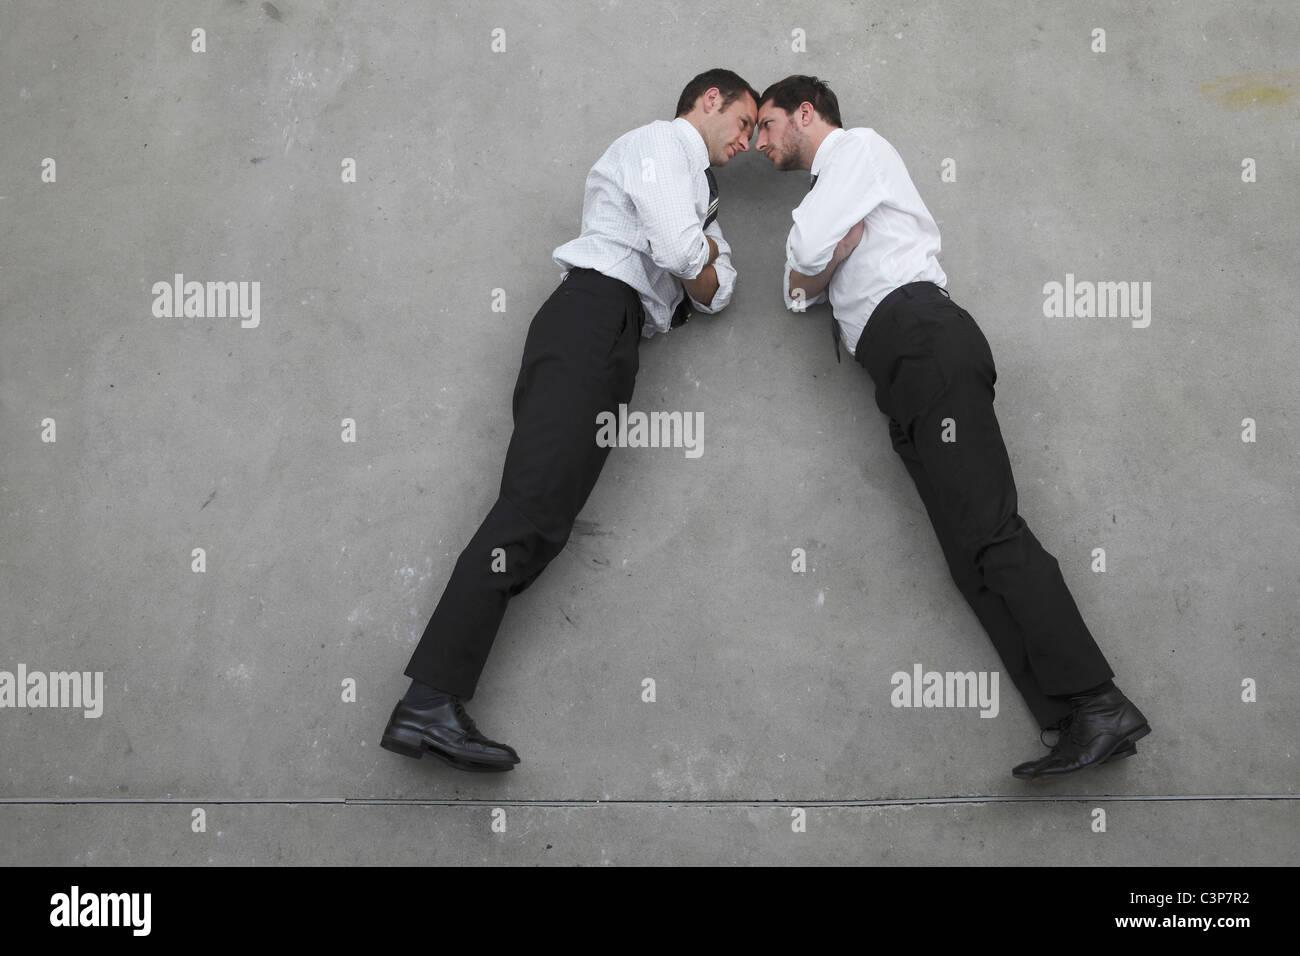 Zwei Geschäftsleute stehen im Gegensatz zur gegenüber, Porträt, erhöhten Blick Stockbild